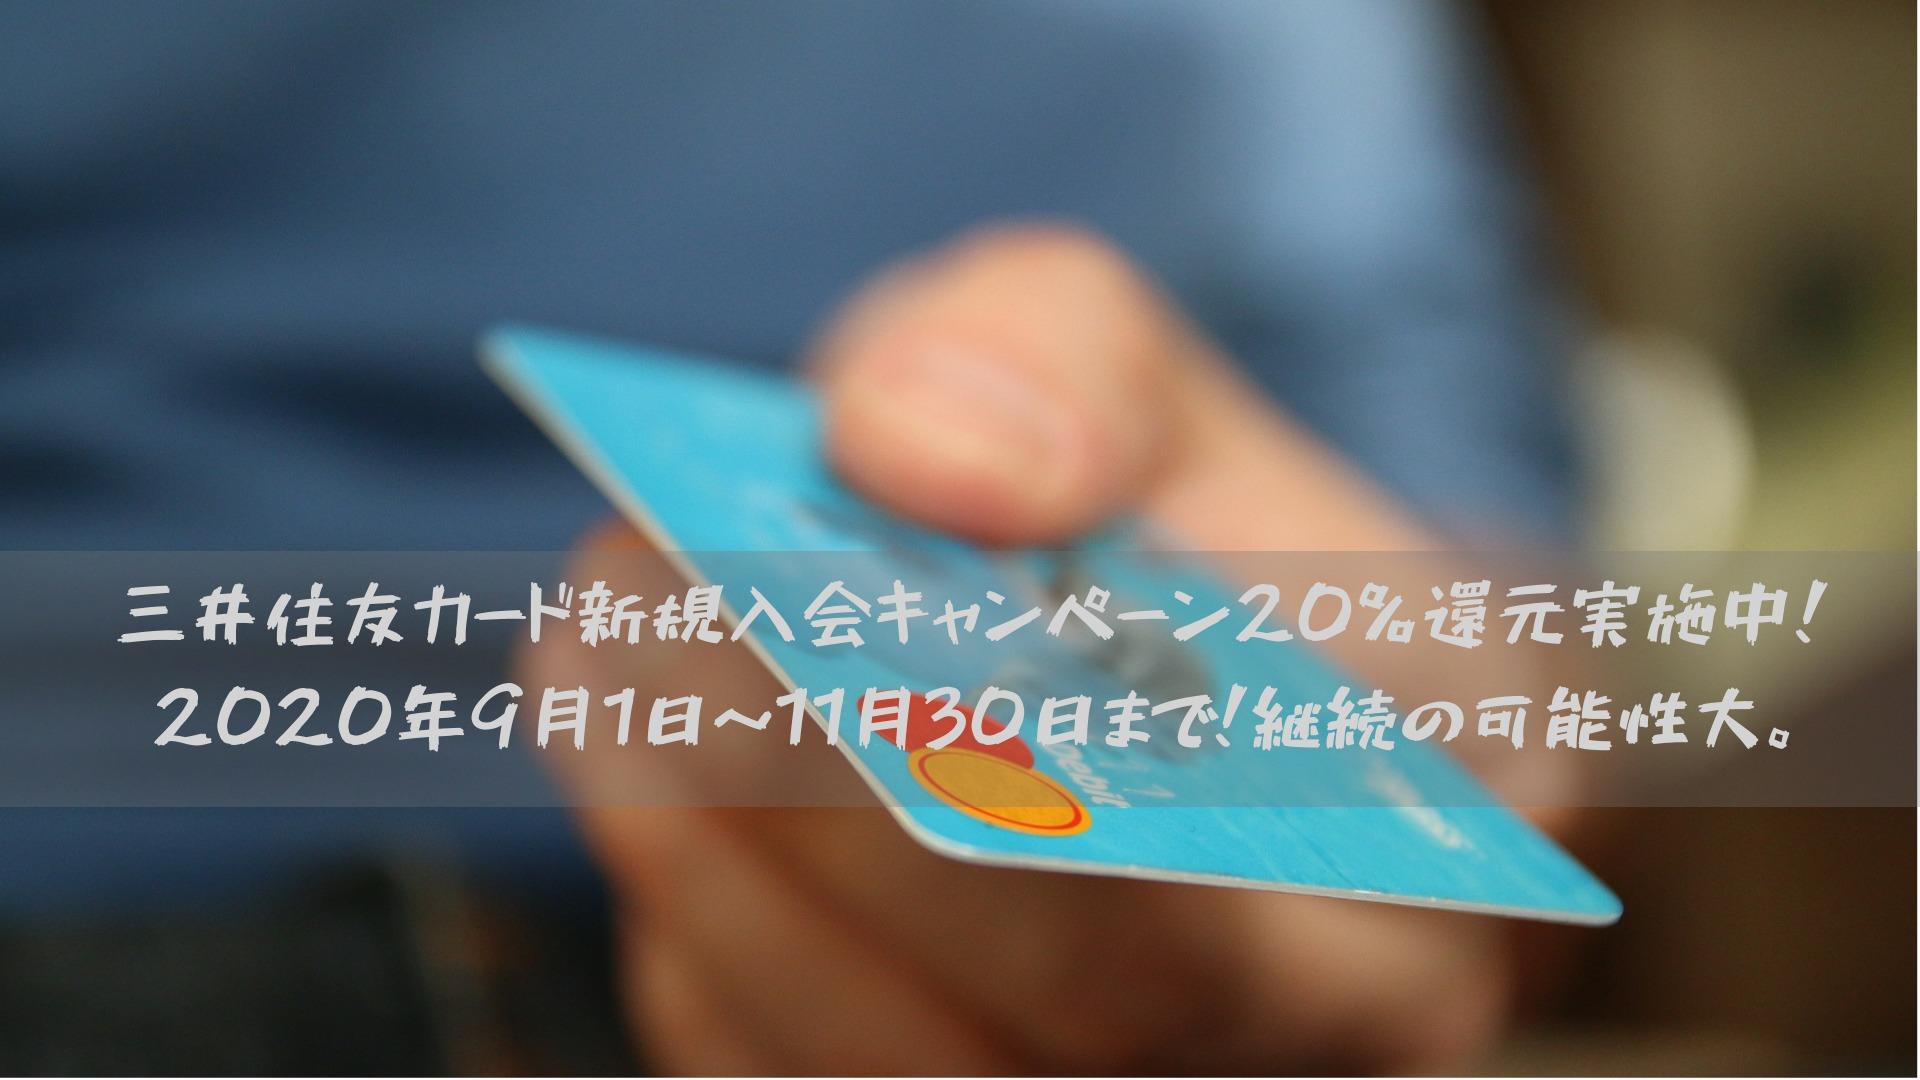 三井住友カード新規入会キャンペーン20%還元実施中!2020年9月1日~11月30日まで!継続の可能性大。